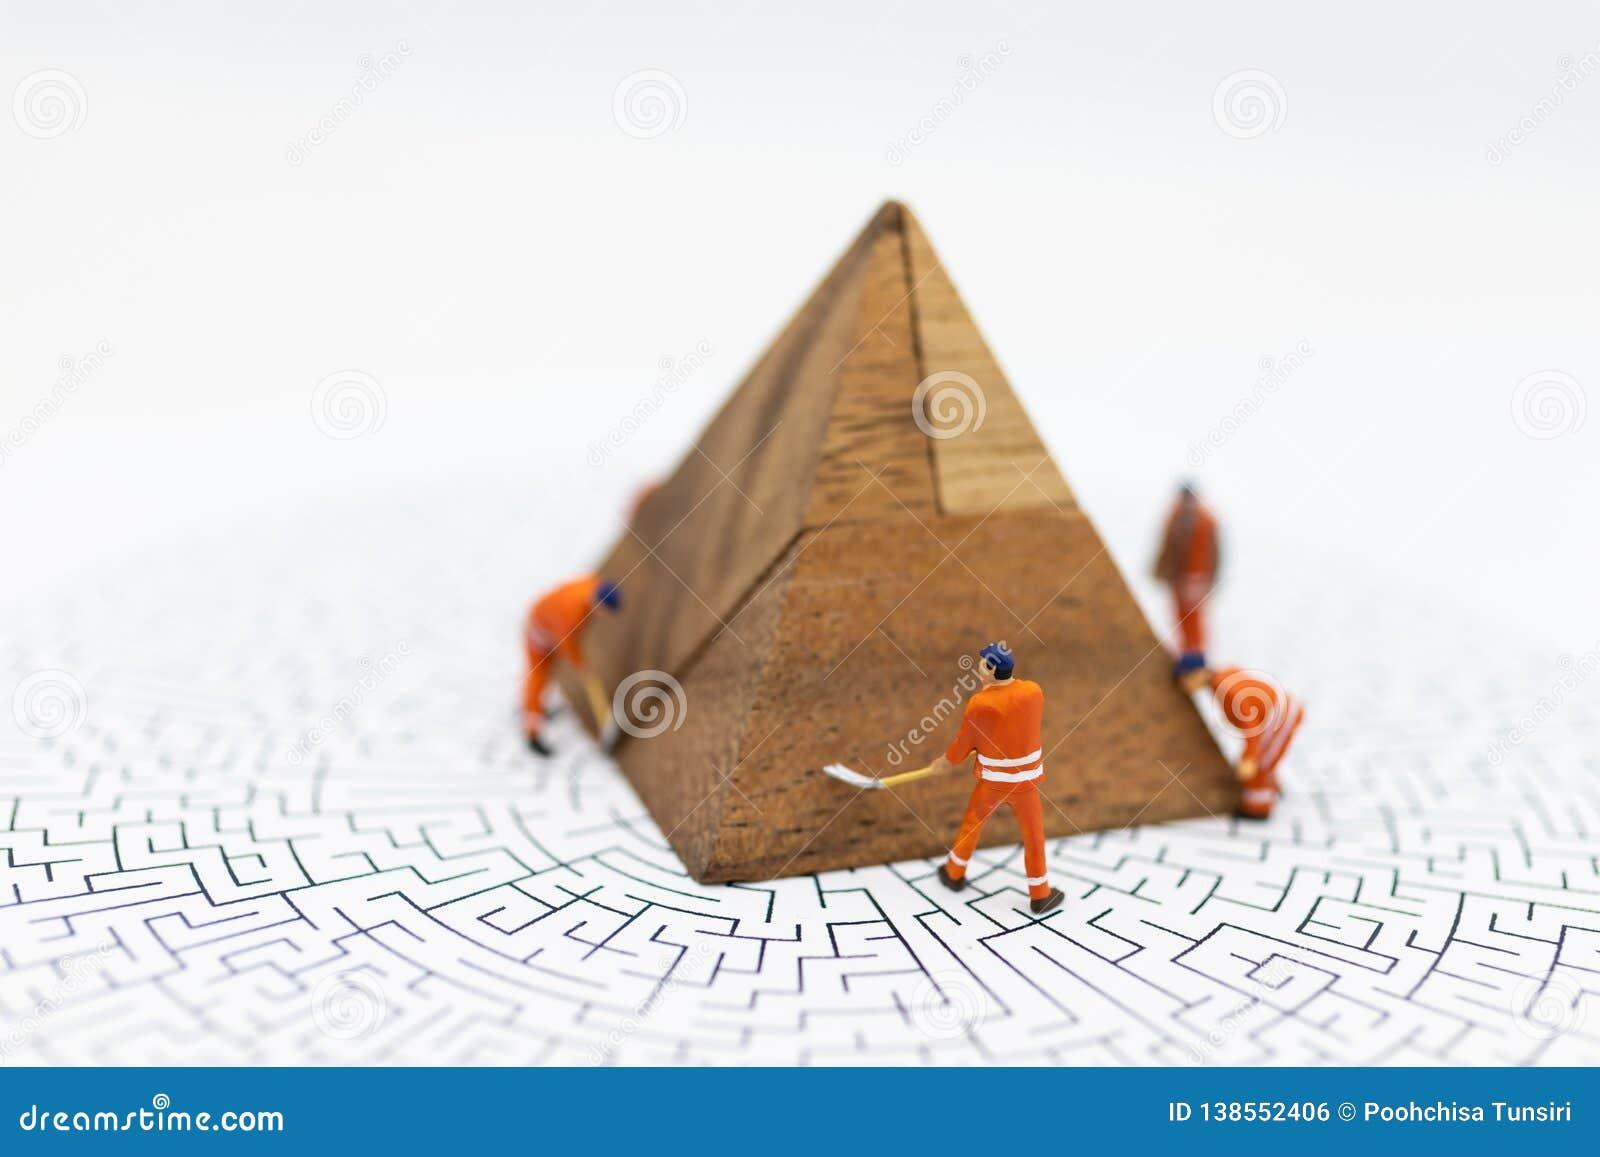 Personnes miniatures : Les travailleurs réparent, des bénéfices de réparation, le graphique, image d utilisation pour des illustr